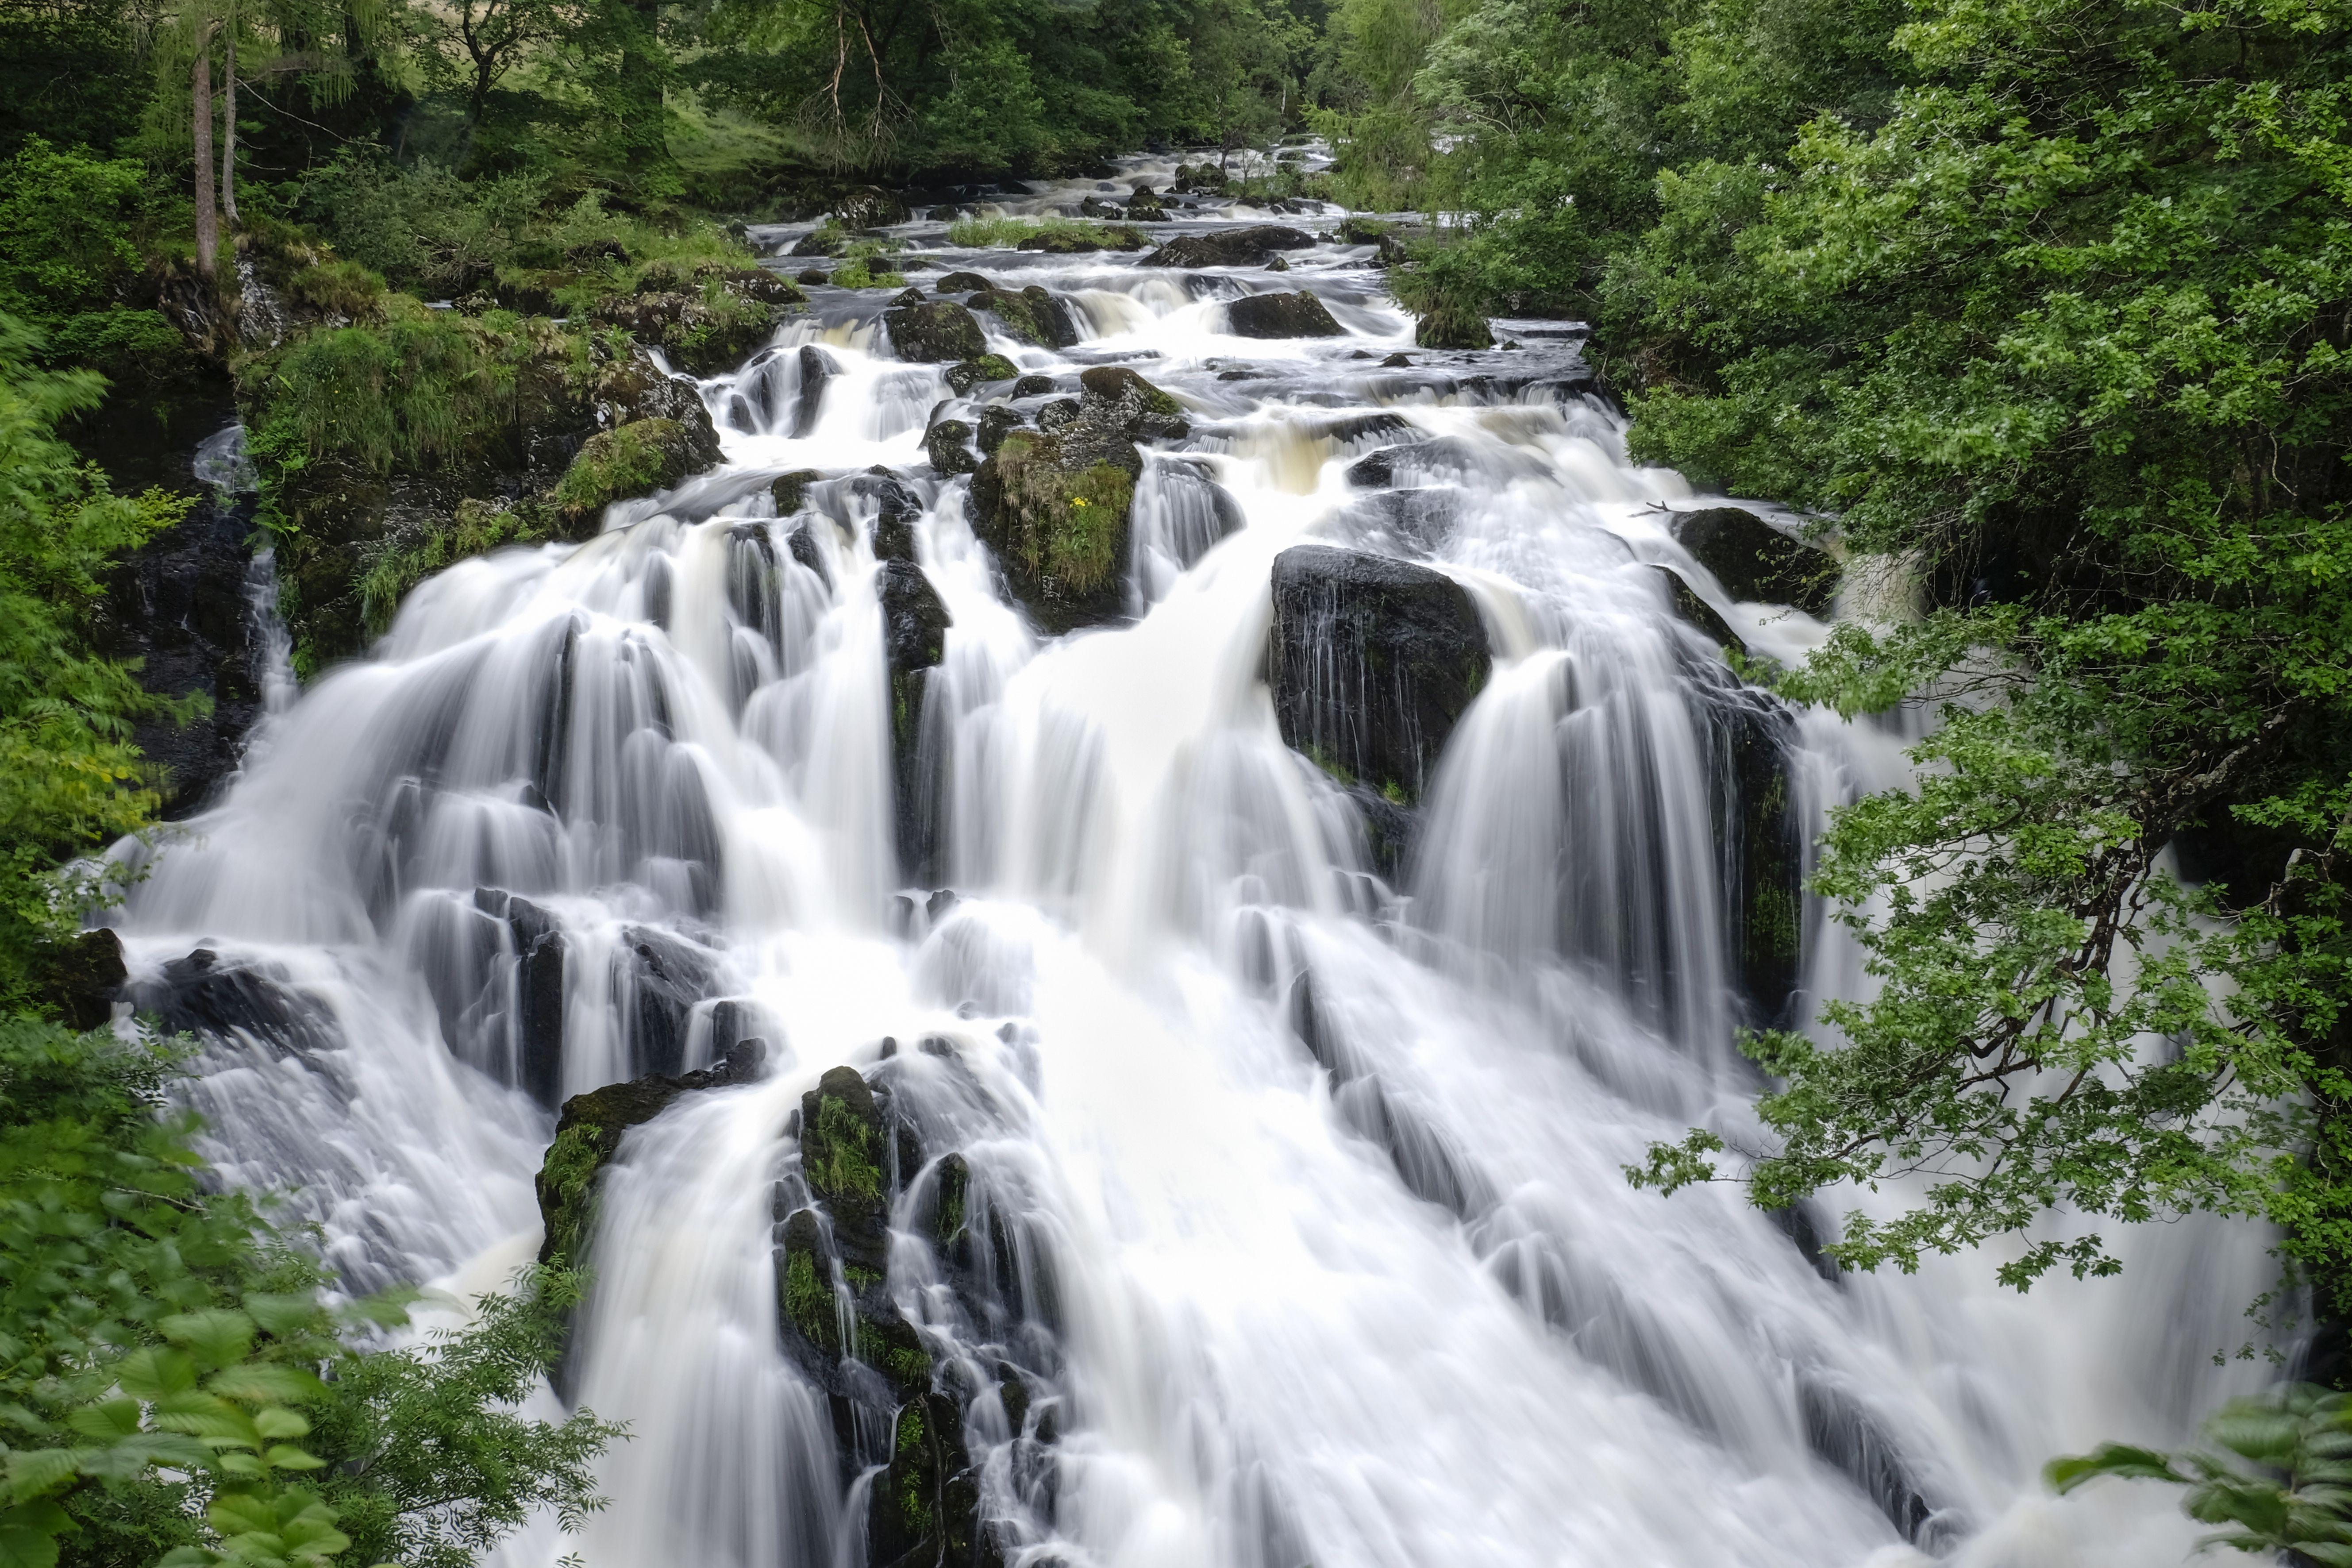 Swallow Falls waterfall on the Afon Llugwy in summer near Betws y Coed